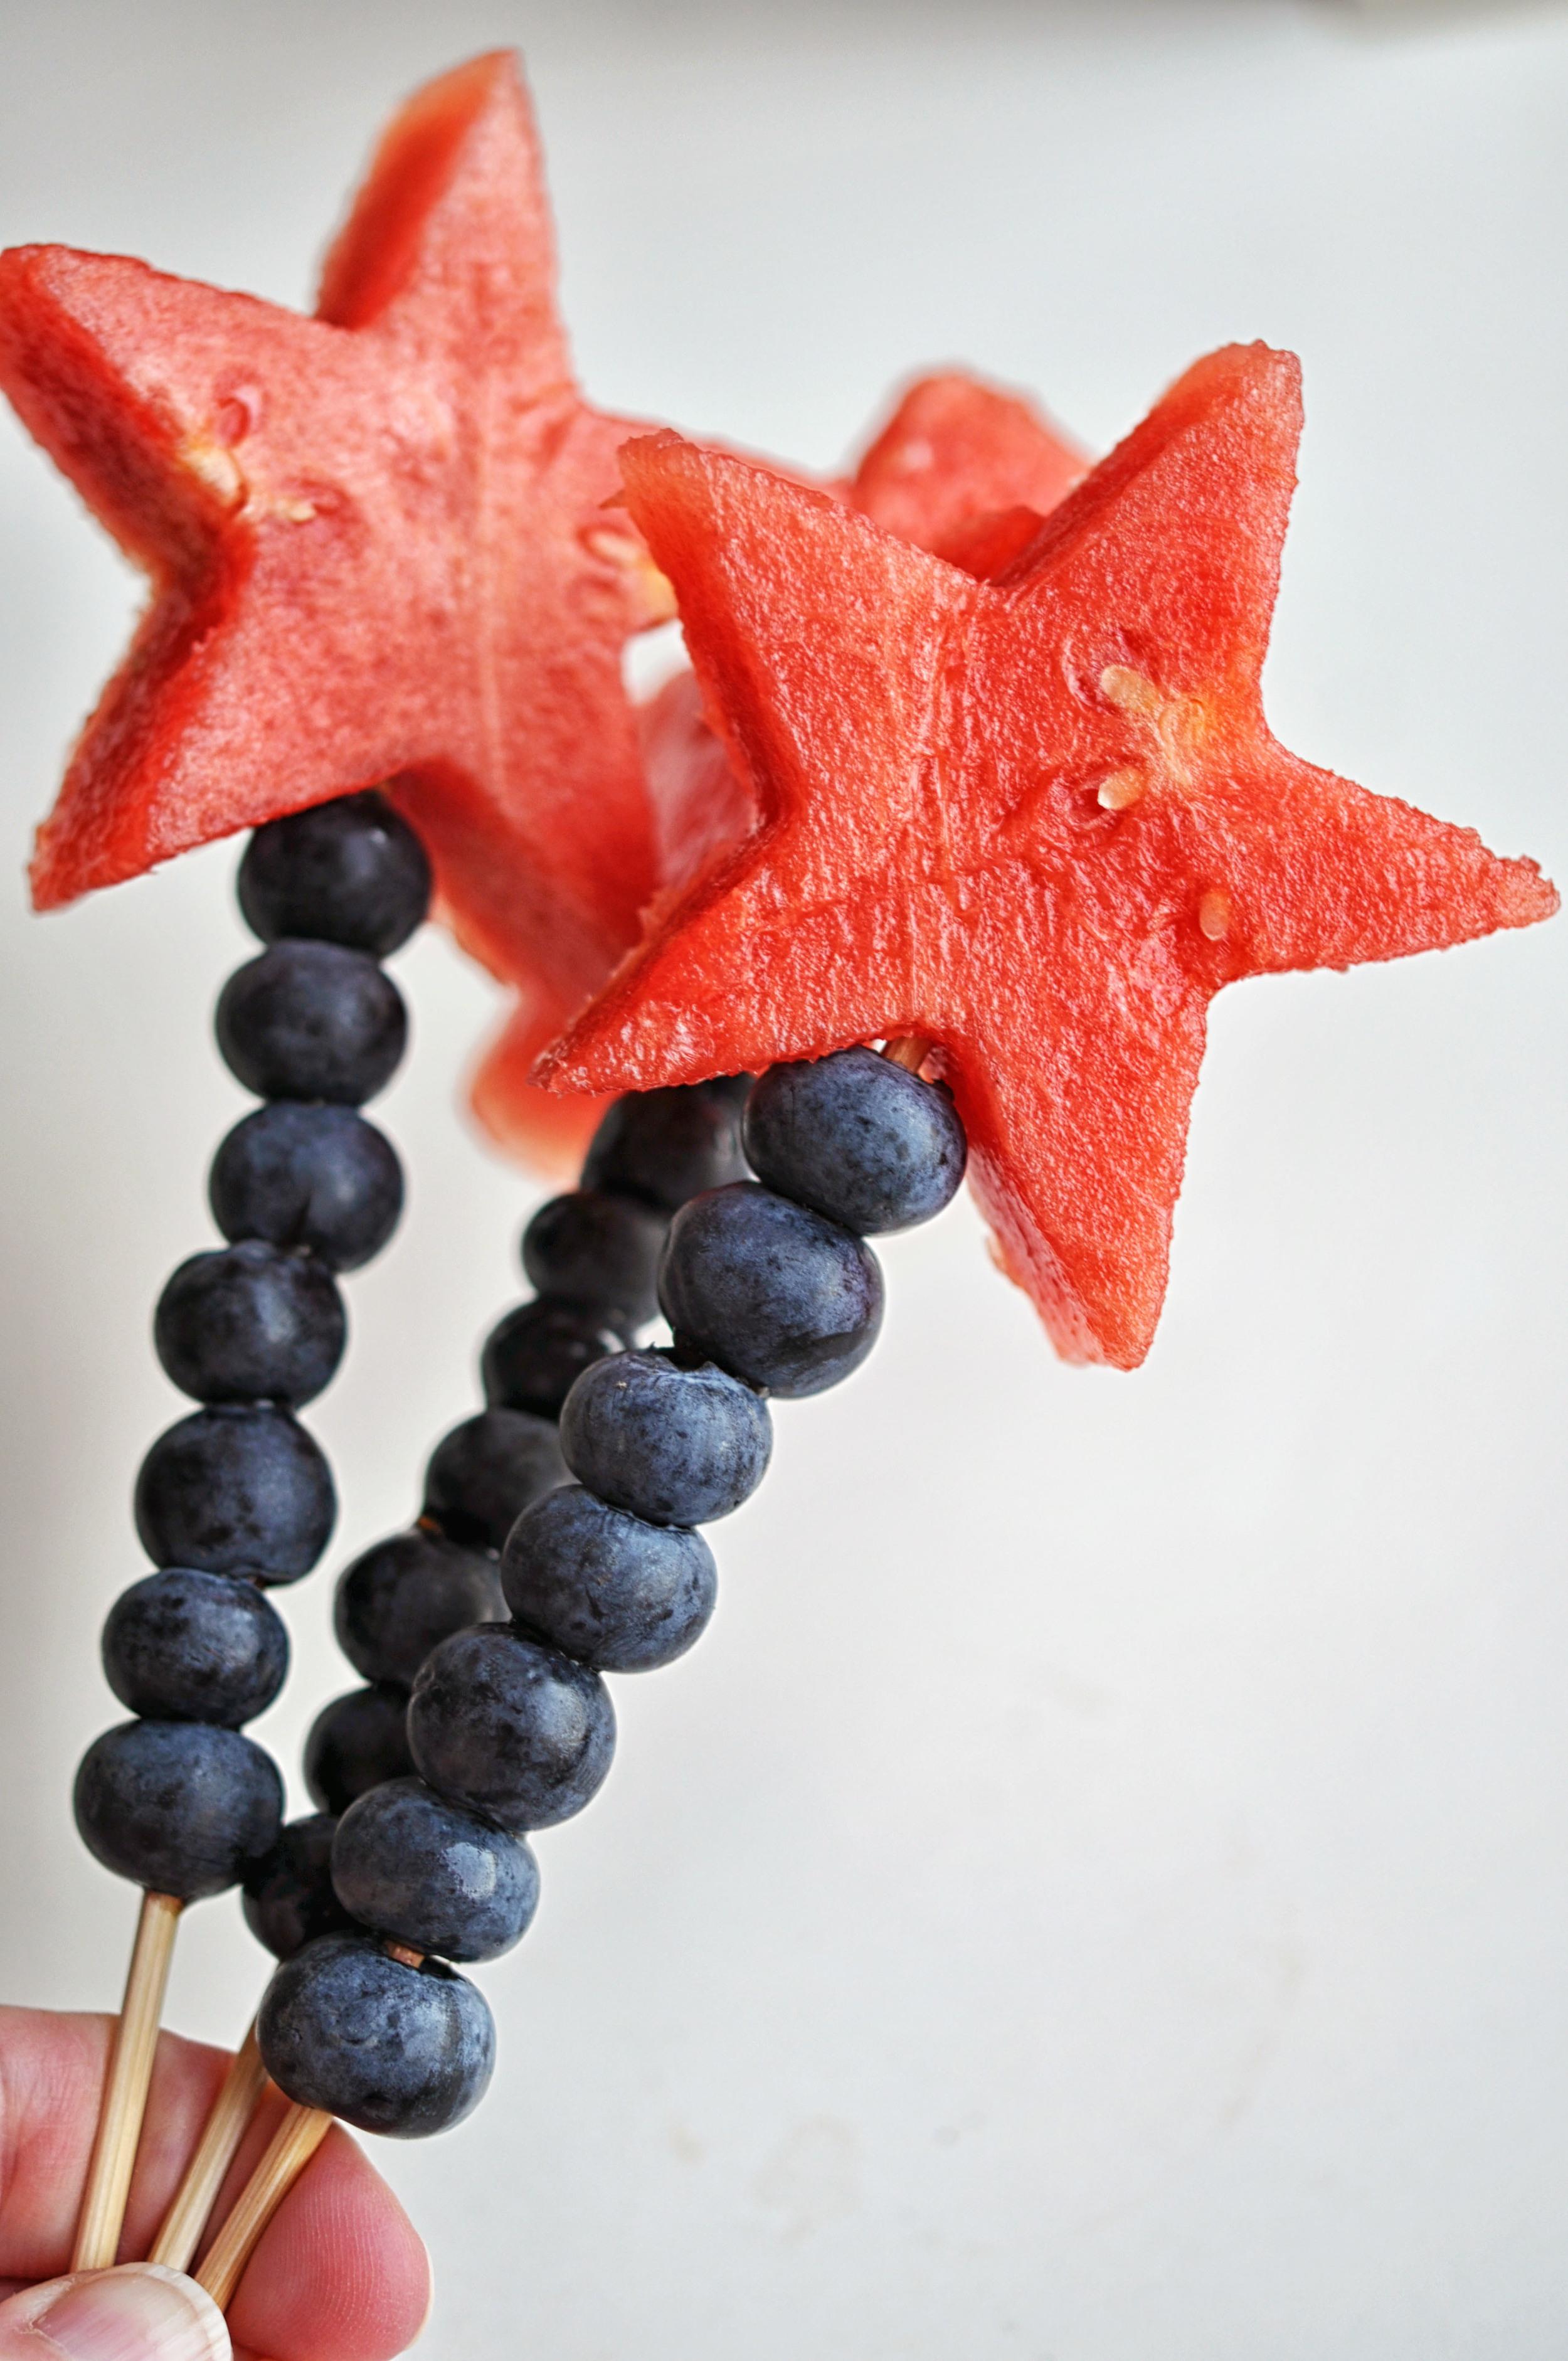 Fruktspett med blåbär och vattenmelon utskurna som stjärnor.